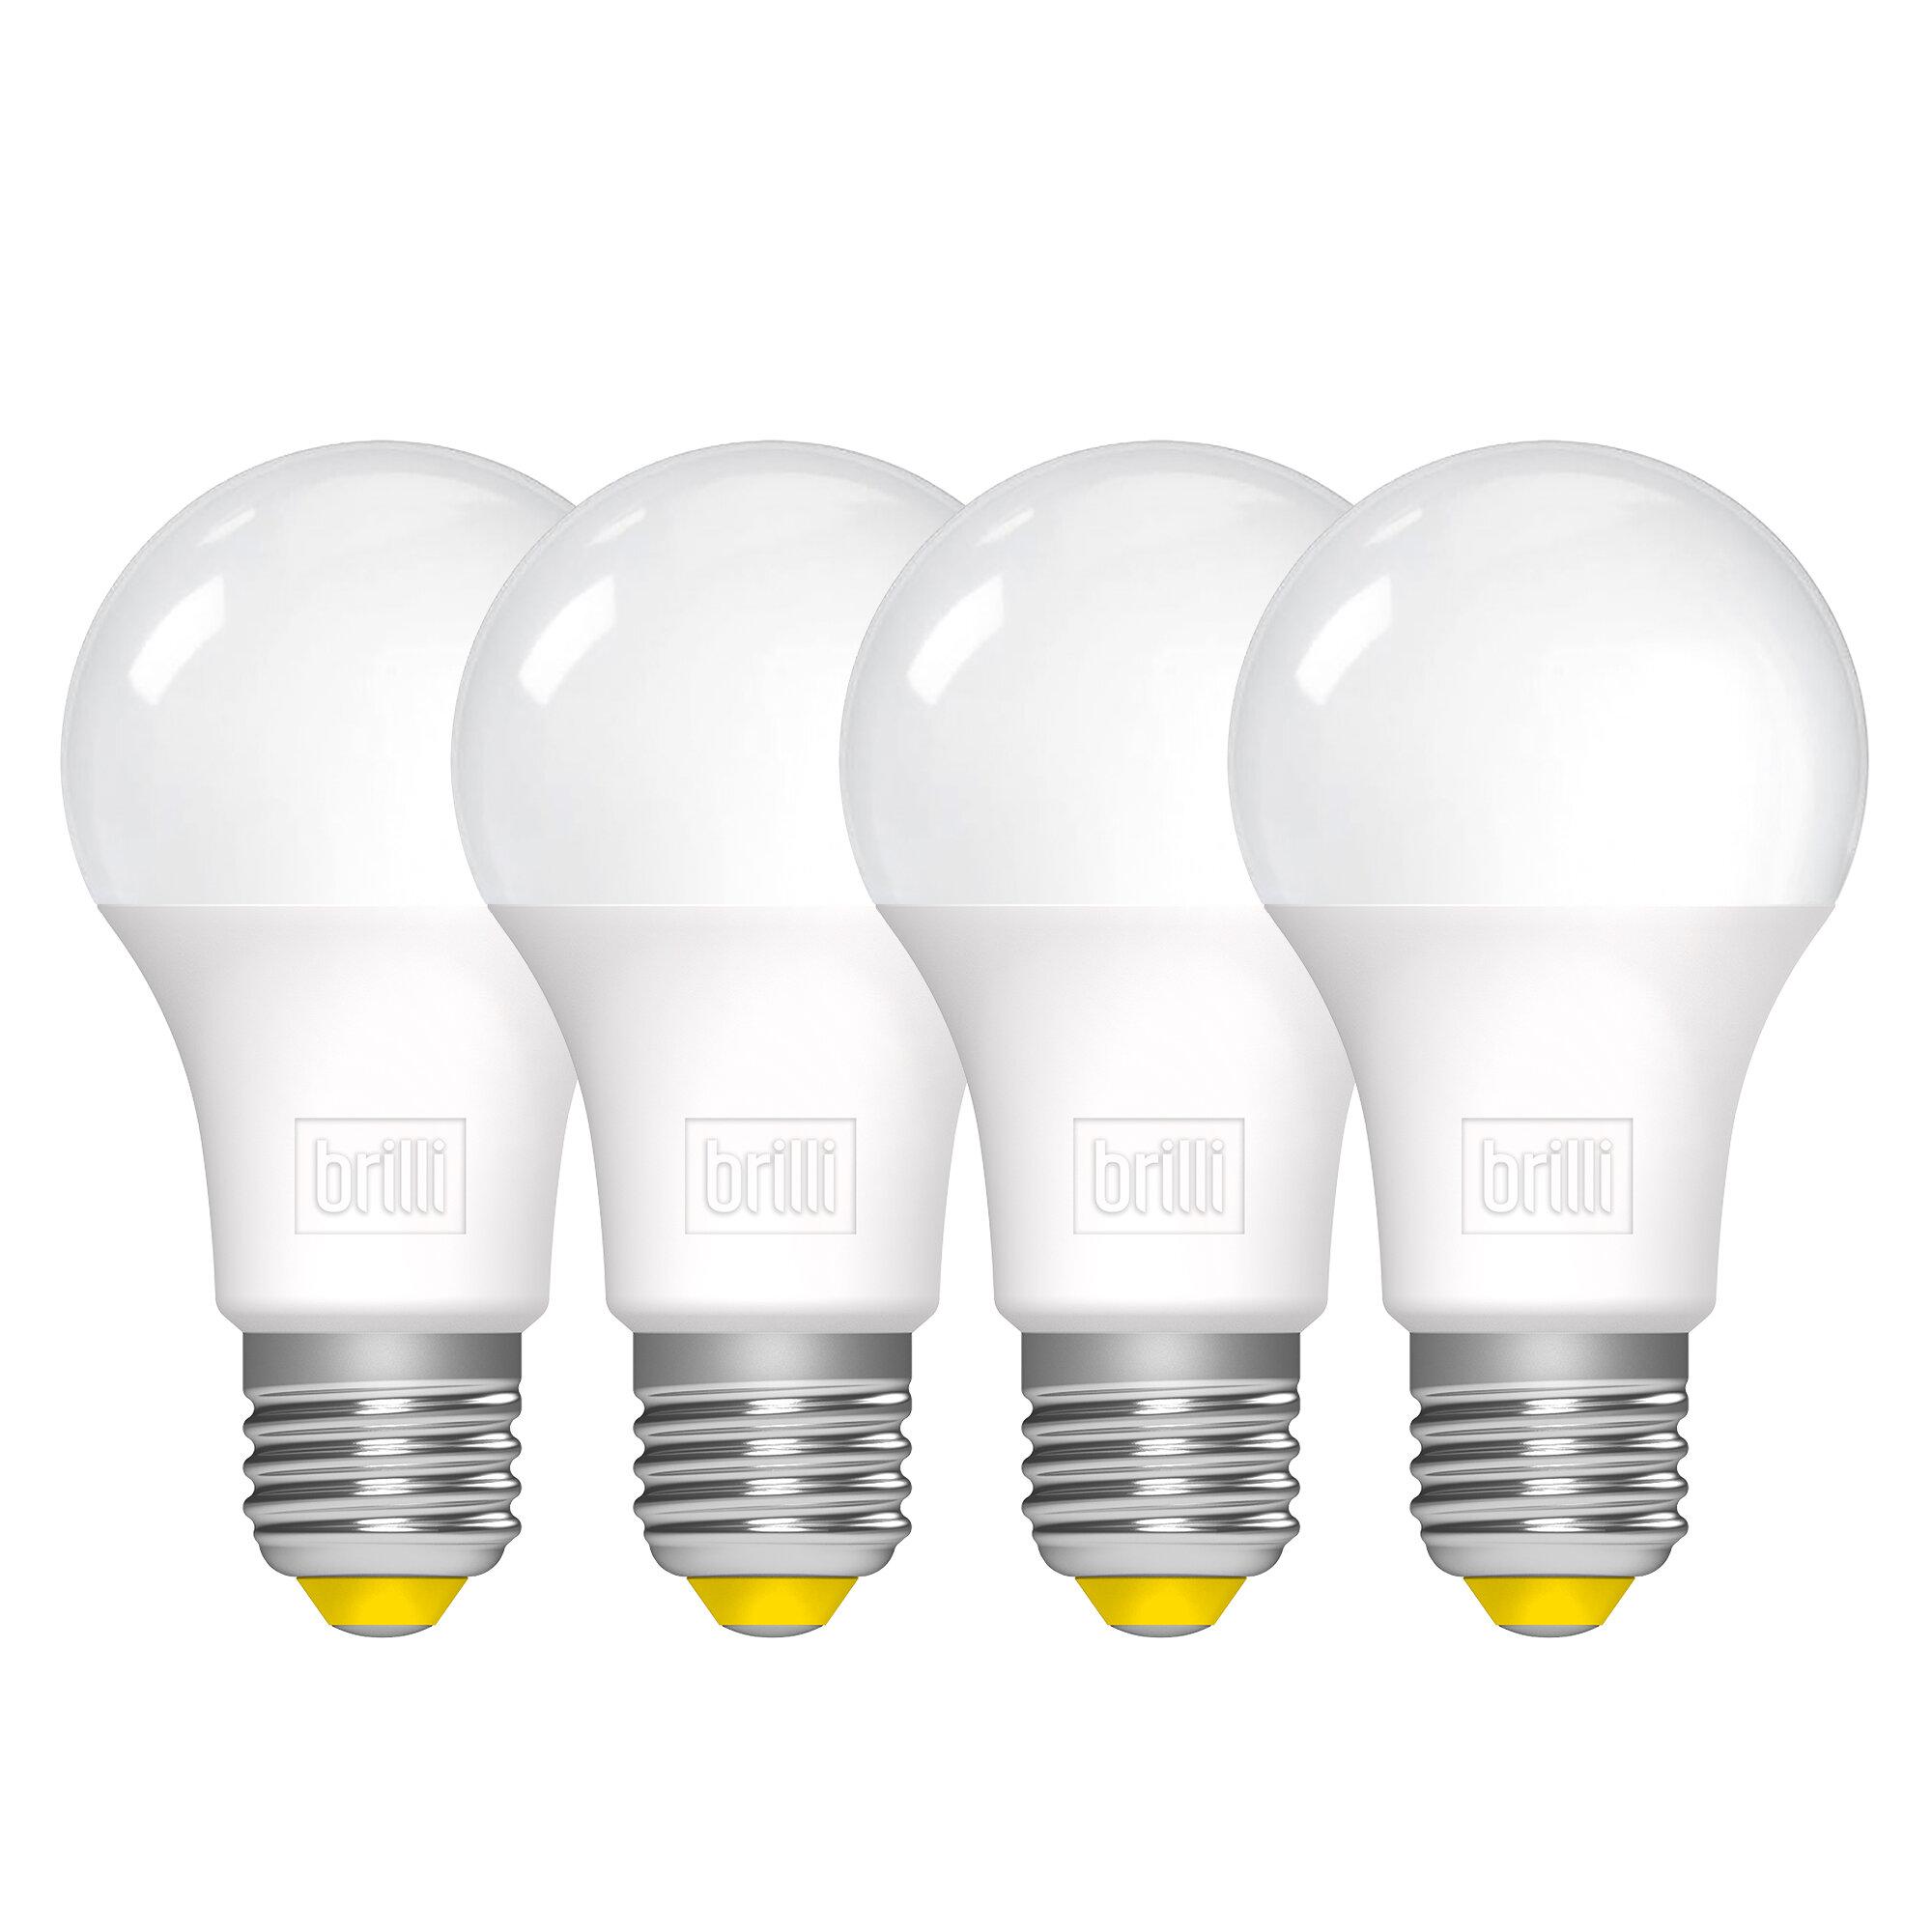 Brilli Wellness 11 Watt 75 Watt Equivalent A19 Led Dimmable Light Bulb Warm White 2700k E26 Medium Standard Base Reviews Wayfair